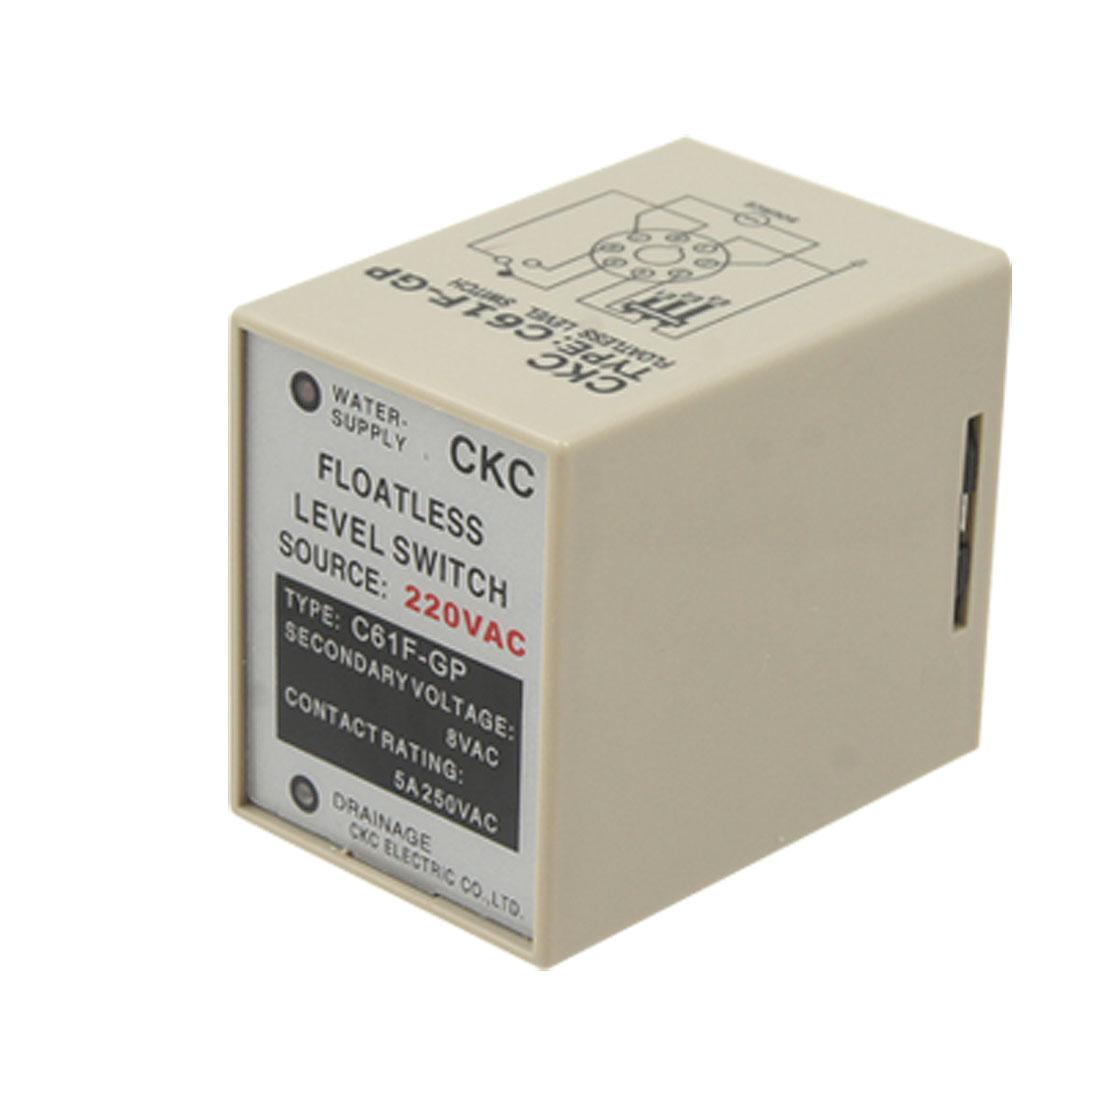 AC220V C61F-GP Liquid Floatless Level Switch Controller